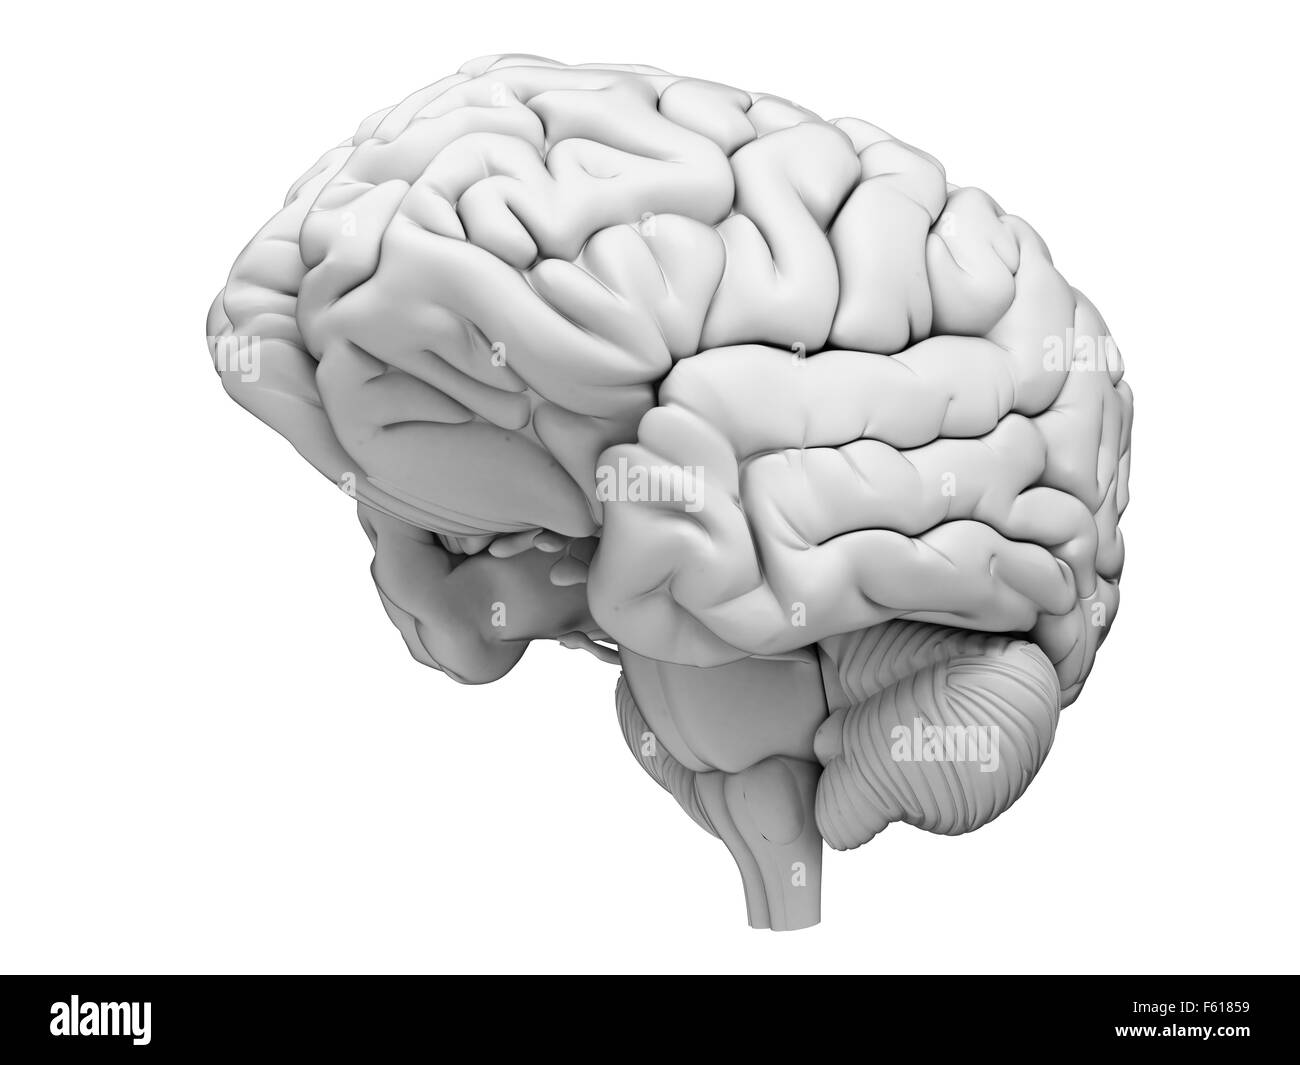 Ilustración médica precisa del cerebro humano Imagen De Stock